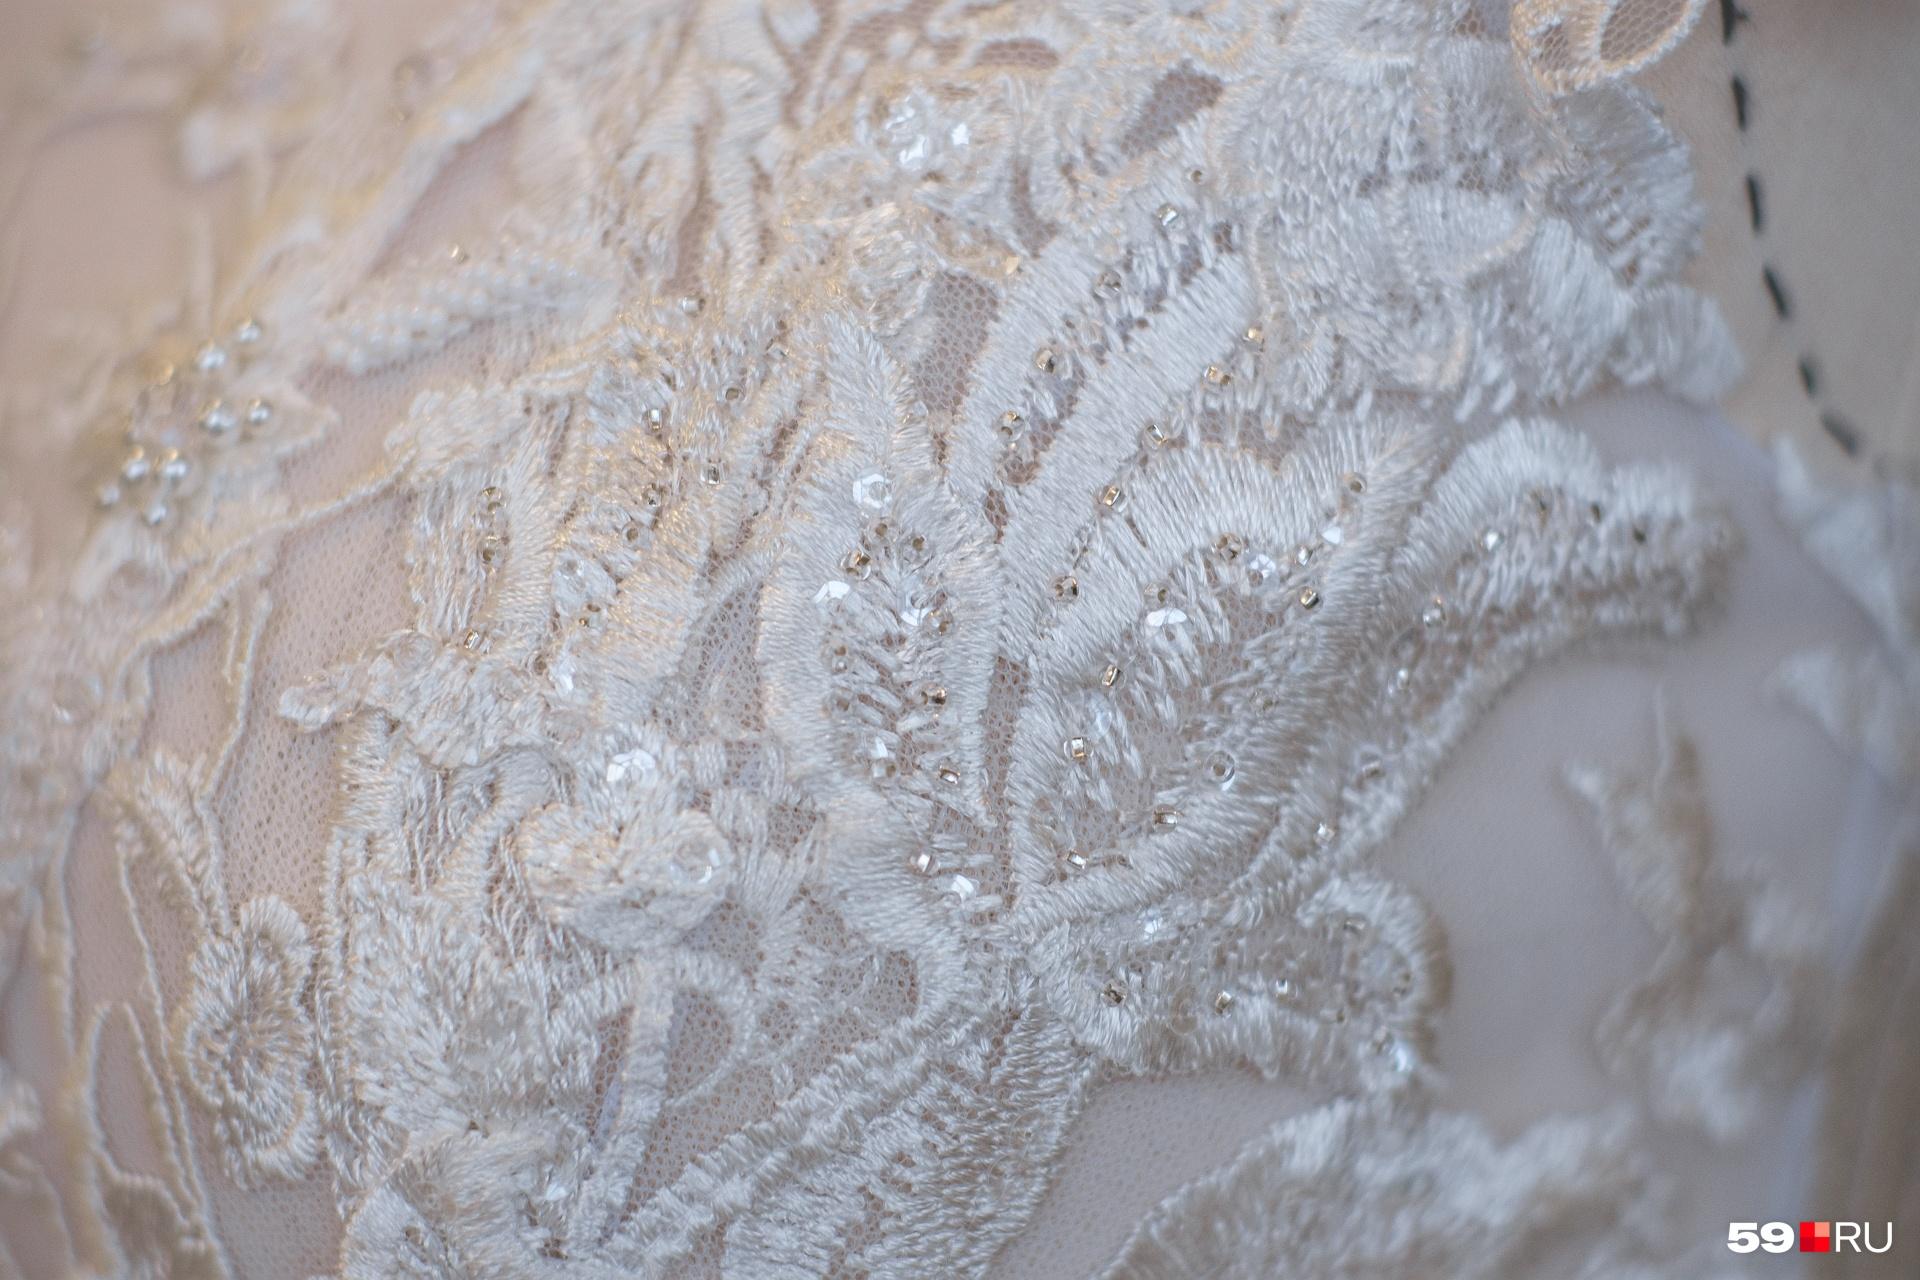 На платьях много мелких деталей, которые можно заметить только вблизи